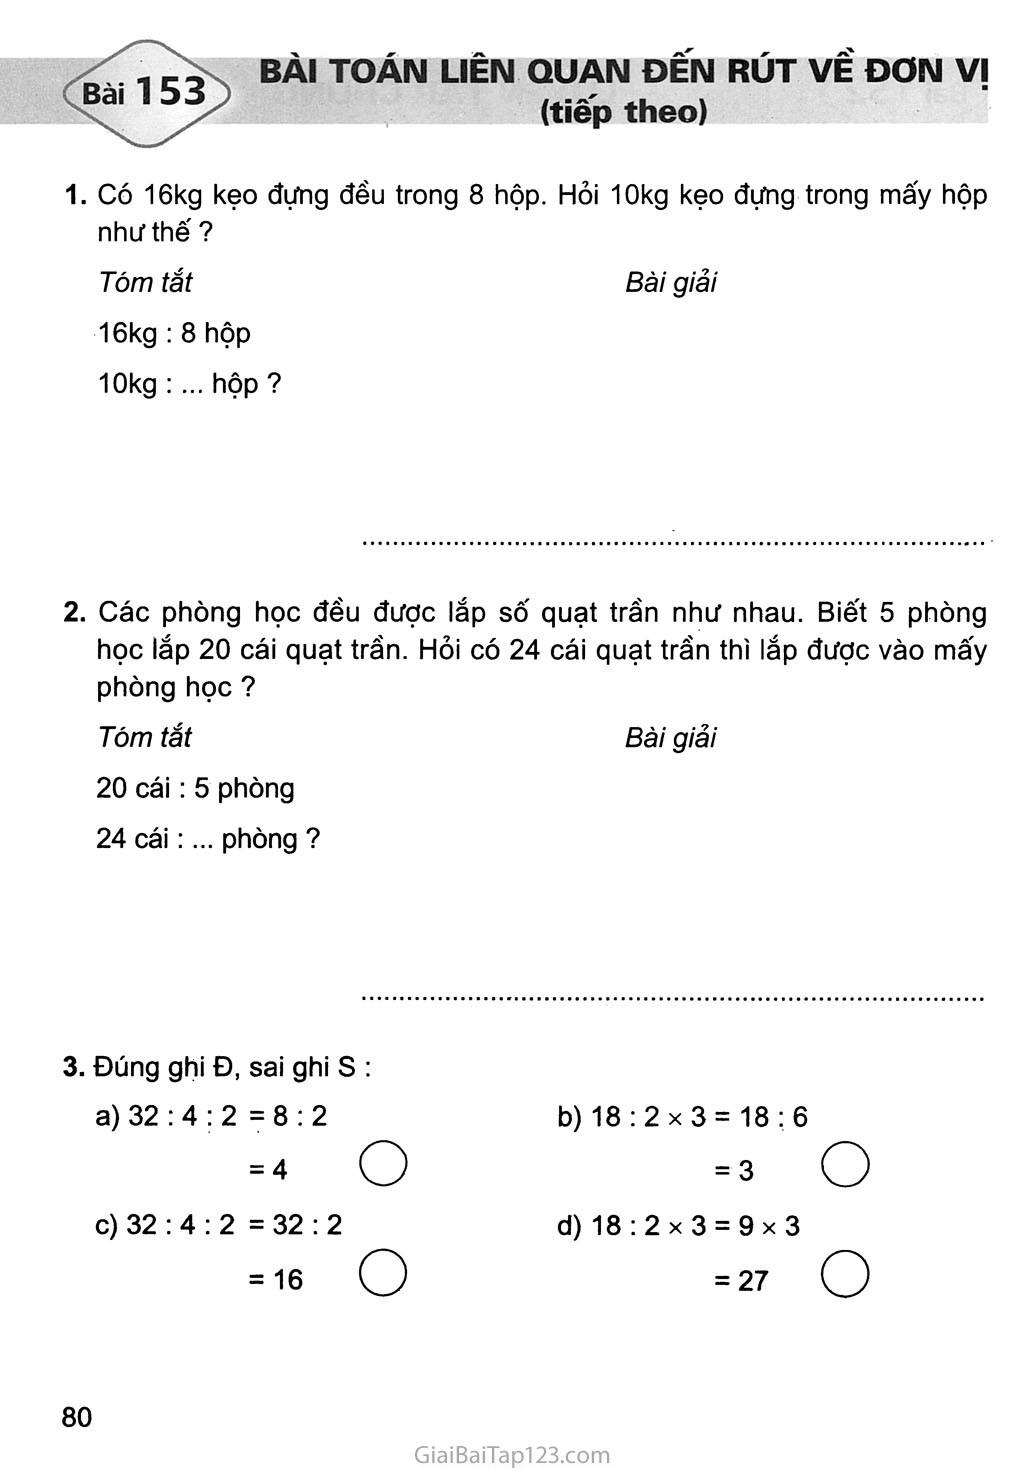 Bài 153: Bài toán liên quan đến rút về đơn vị (tiếp theo) trang 1